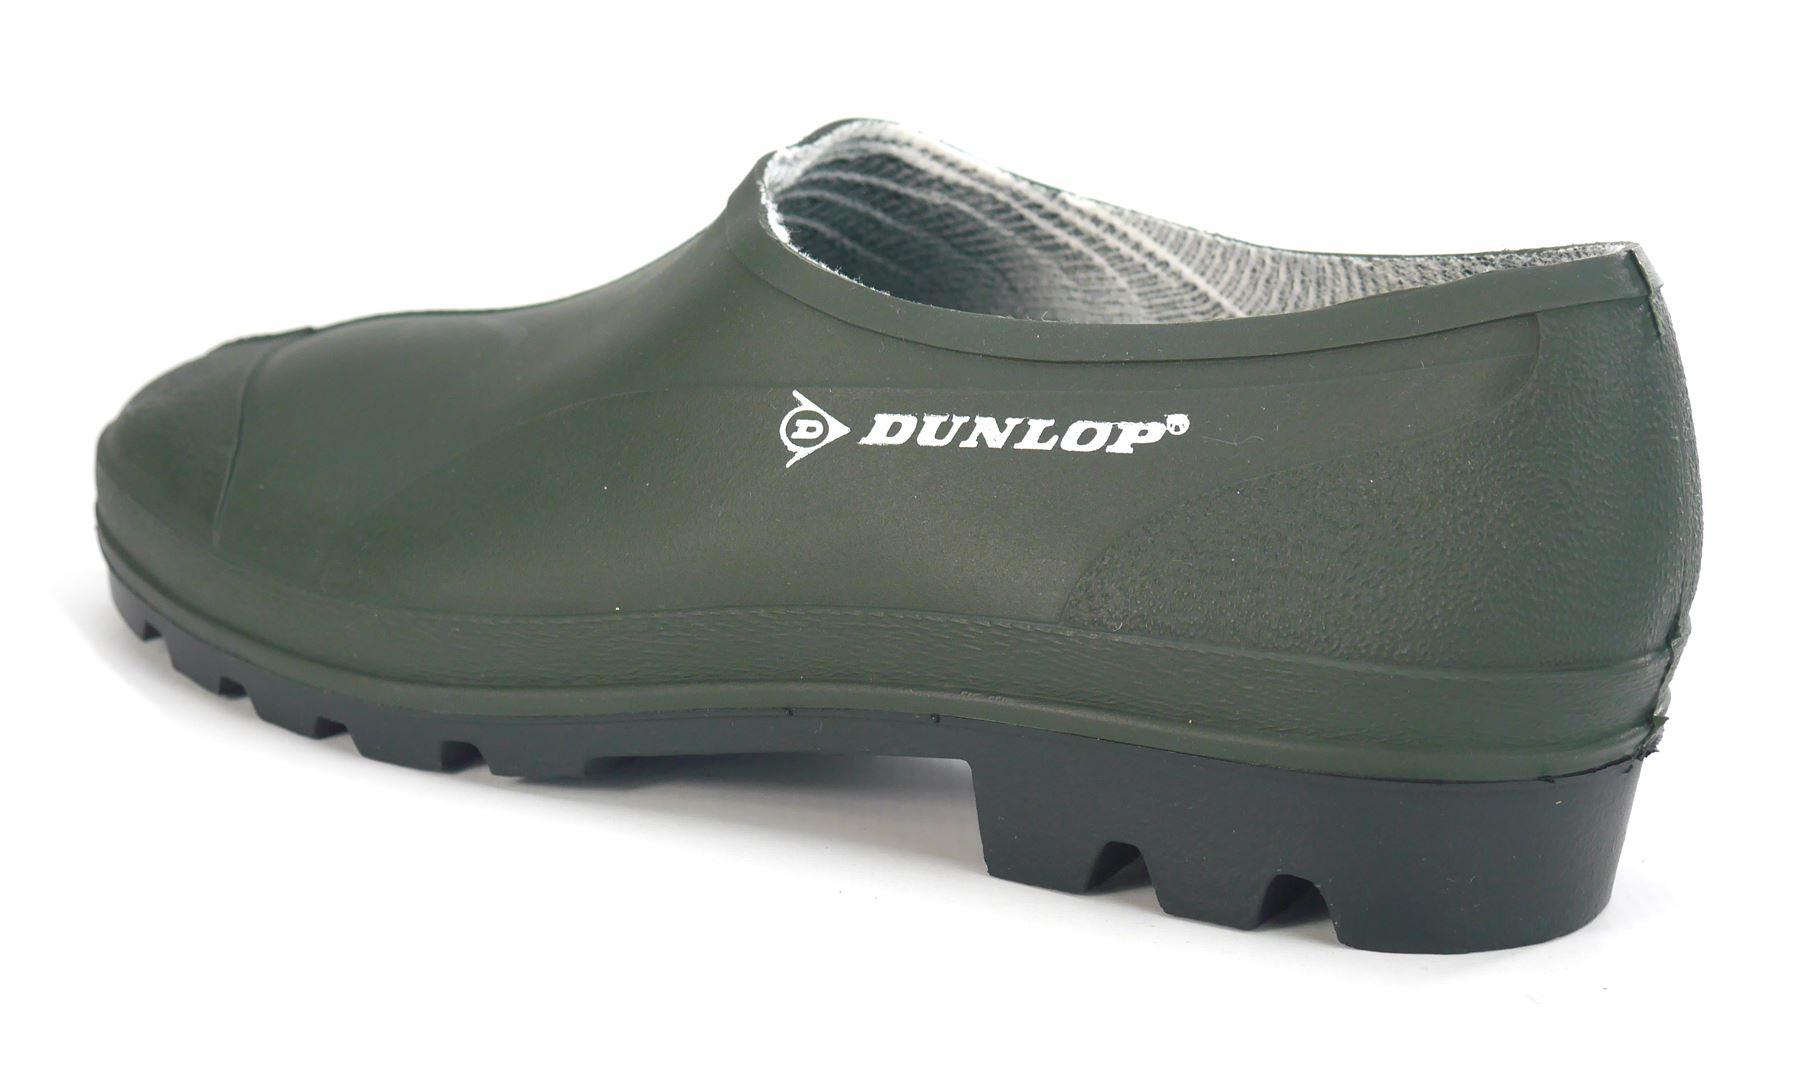 Détails Sur Dunlop Jardinage Sabots Pvc Chaussures Caoutchouc Bottes  Imperméables à Chaussure De Jardin